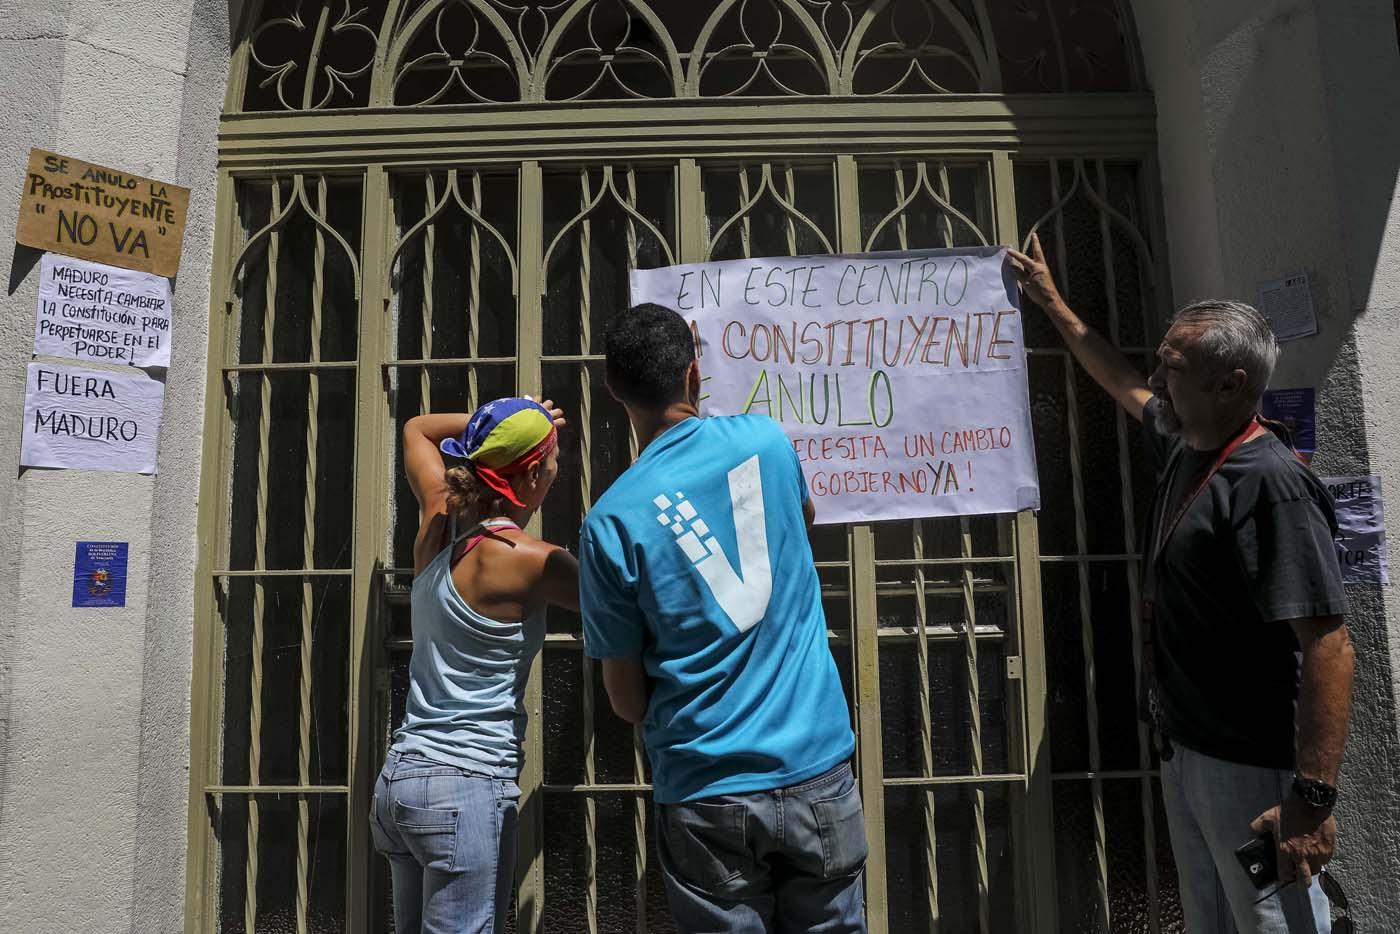 CAR09. CARACAS (VENEZUELA), 24/07/2017.- Manifestantes pegan carteles en rechazo a la Asamblea Constituyente hoy, lunes 24 de julio de 2017, en un colegio electoral de Caracas (Venezuela). Venezuela inicia hoy la semana decisiva para la elección de la Asamblea Nacional Constituyente convocada por el presidente, Nicolás Maduro, con los oficialistas entrando en la recta final de su campaña en medio de protestas y llamados a paro de los opositores en rechazo a esos comicios. EFE/Miguel Gutiérrez